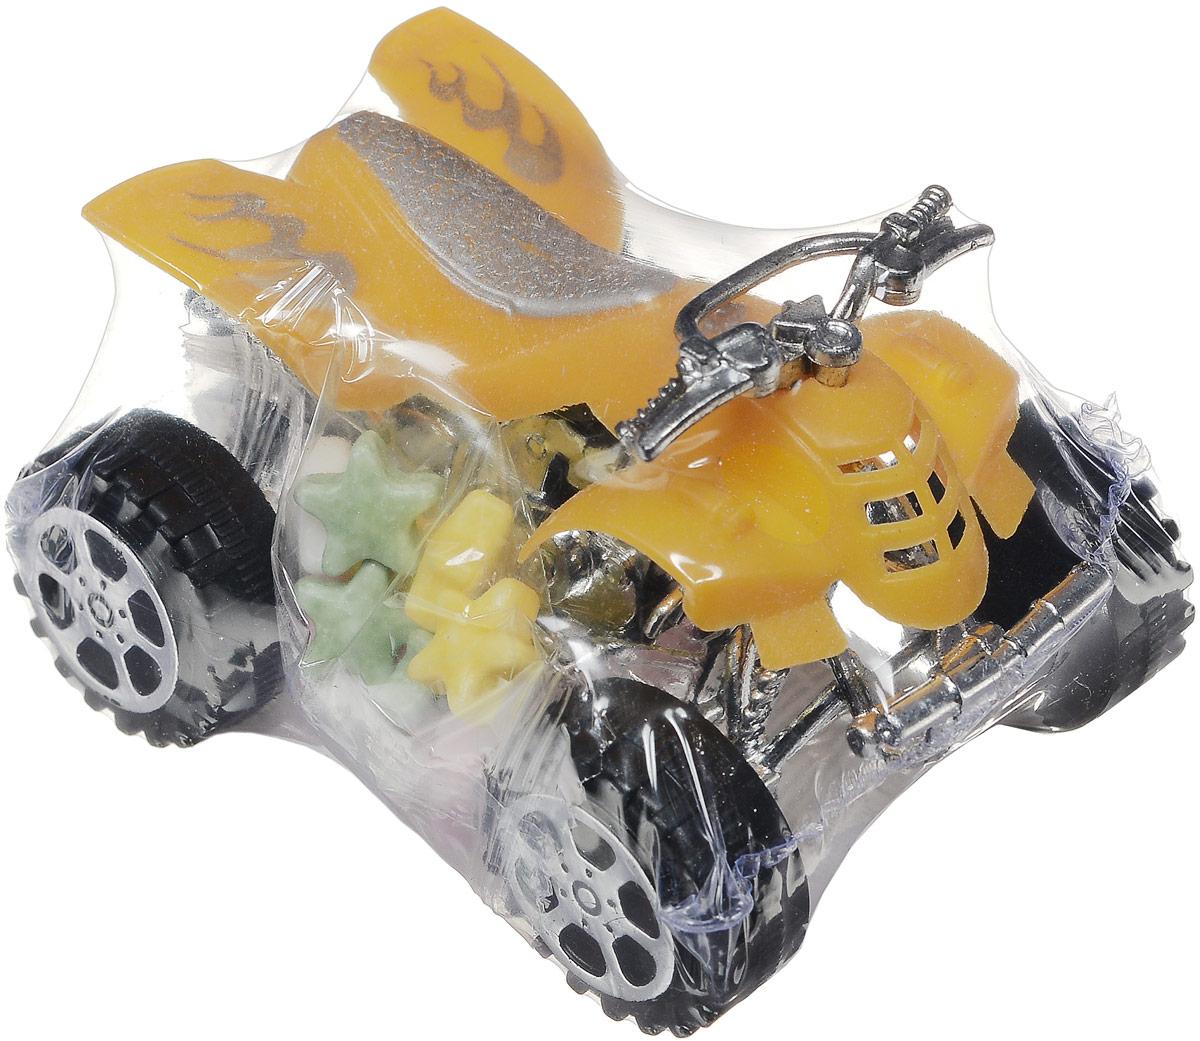 Конфитрейд Автодром Квадроцикл фруктовое драже с игрушкой, 5 г0120710Игрушка без механизмов в форме квадроцикла из пластика с крутящимися колесами. К квадроциклу на пластиковой стропе крепится блистер с клубничным драже. Игрушка рекомендуется детям старше трех лет.Уважаемые клиенты!Товар поставляется в цветовом ассортименте. Поставка осуществляется в зависимости от наличия на складе.